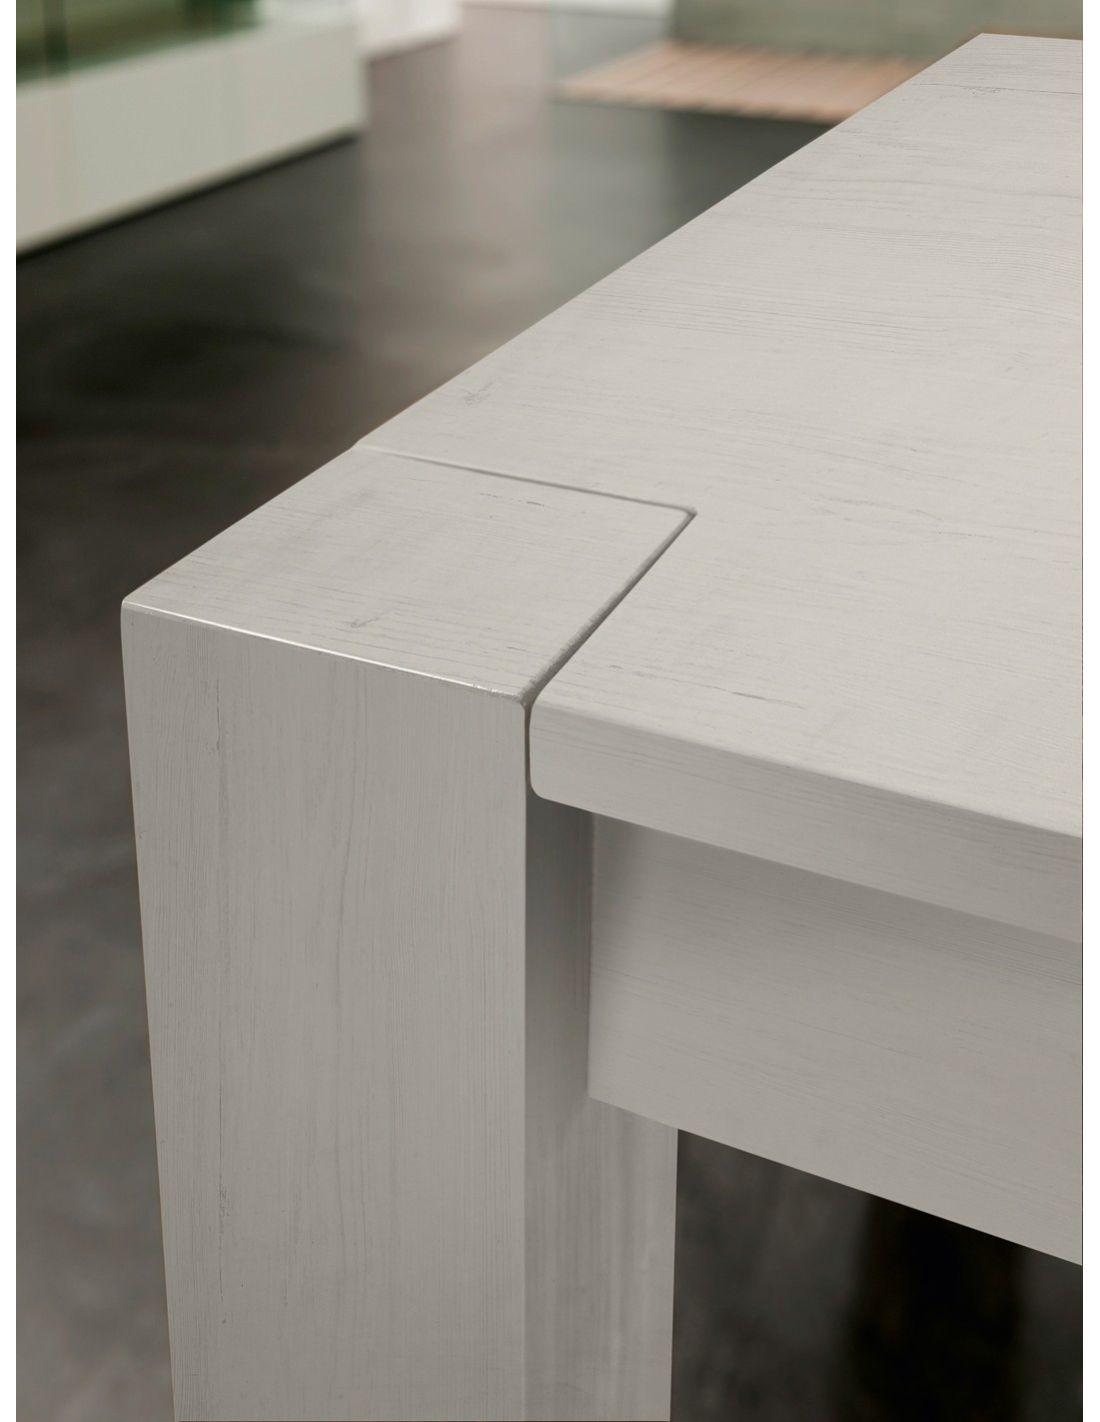 Lexton tavolo allungabile in legno massello invecchiato bianco o grigio